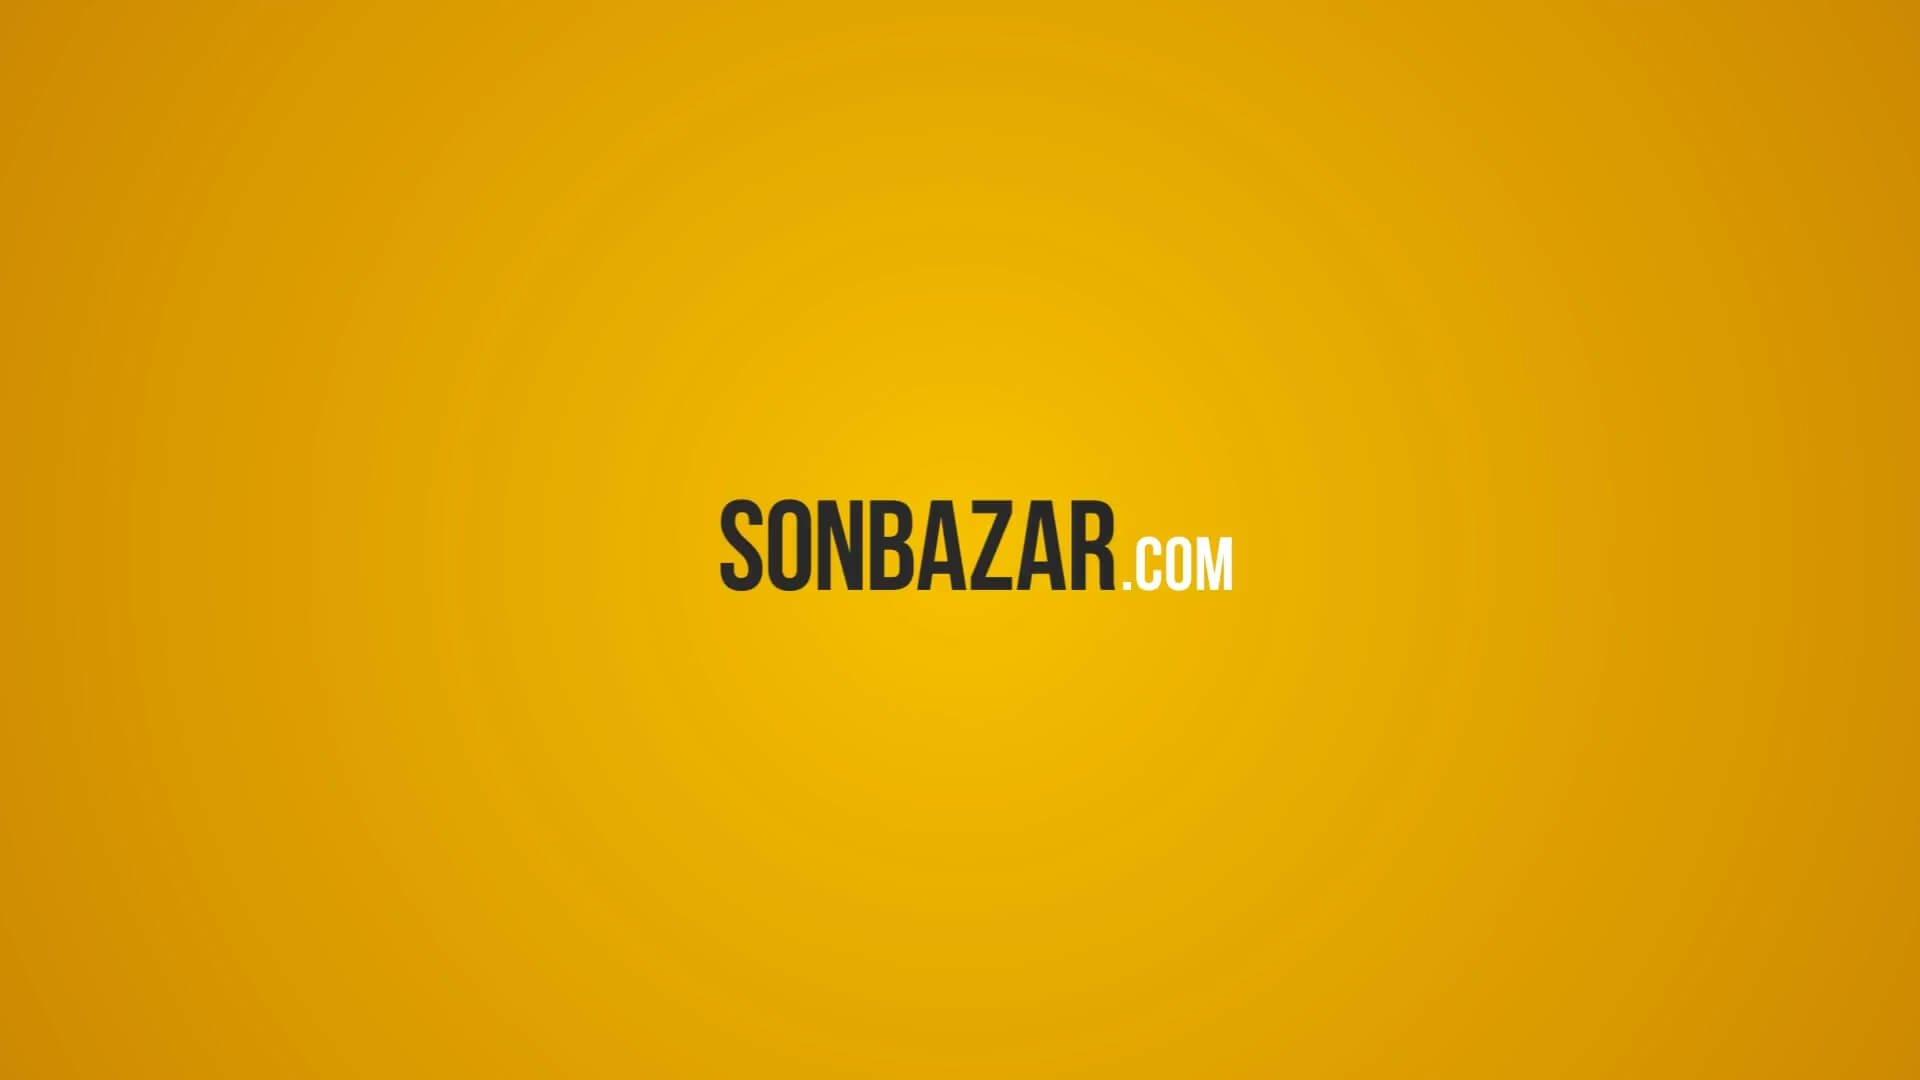 Sonbazar Animasyon Tanıtım Filmi 2 1920x1080 - Sonbazar.com Tanıtım Animasyonu